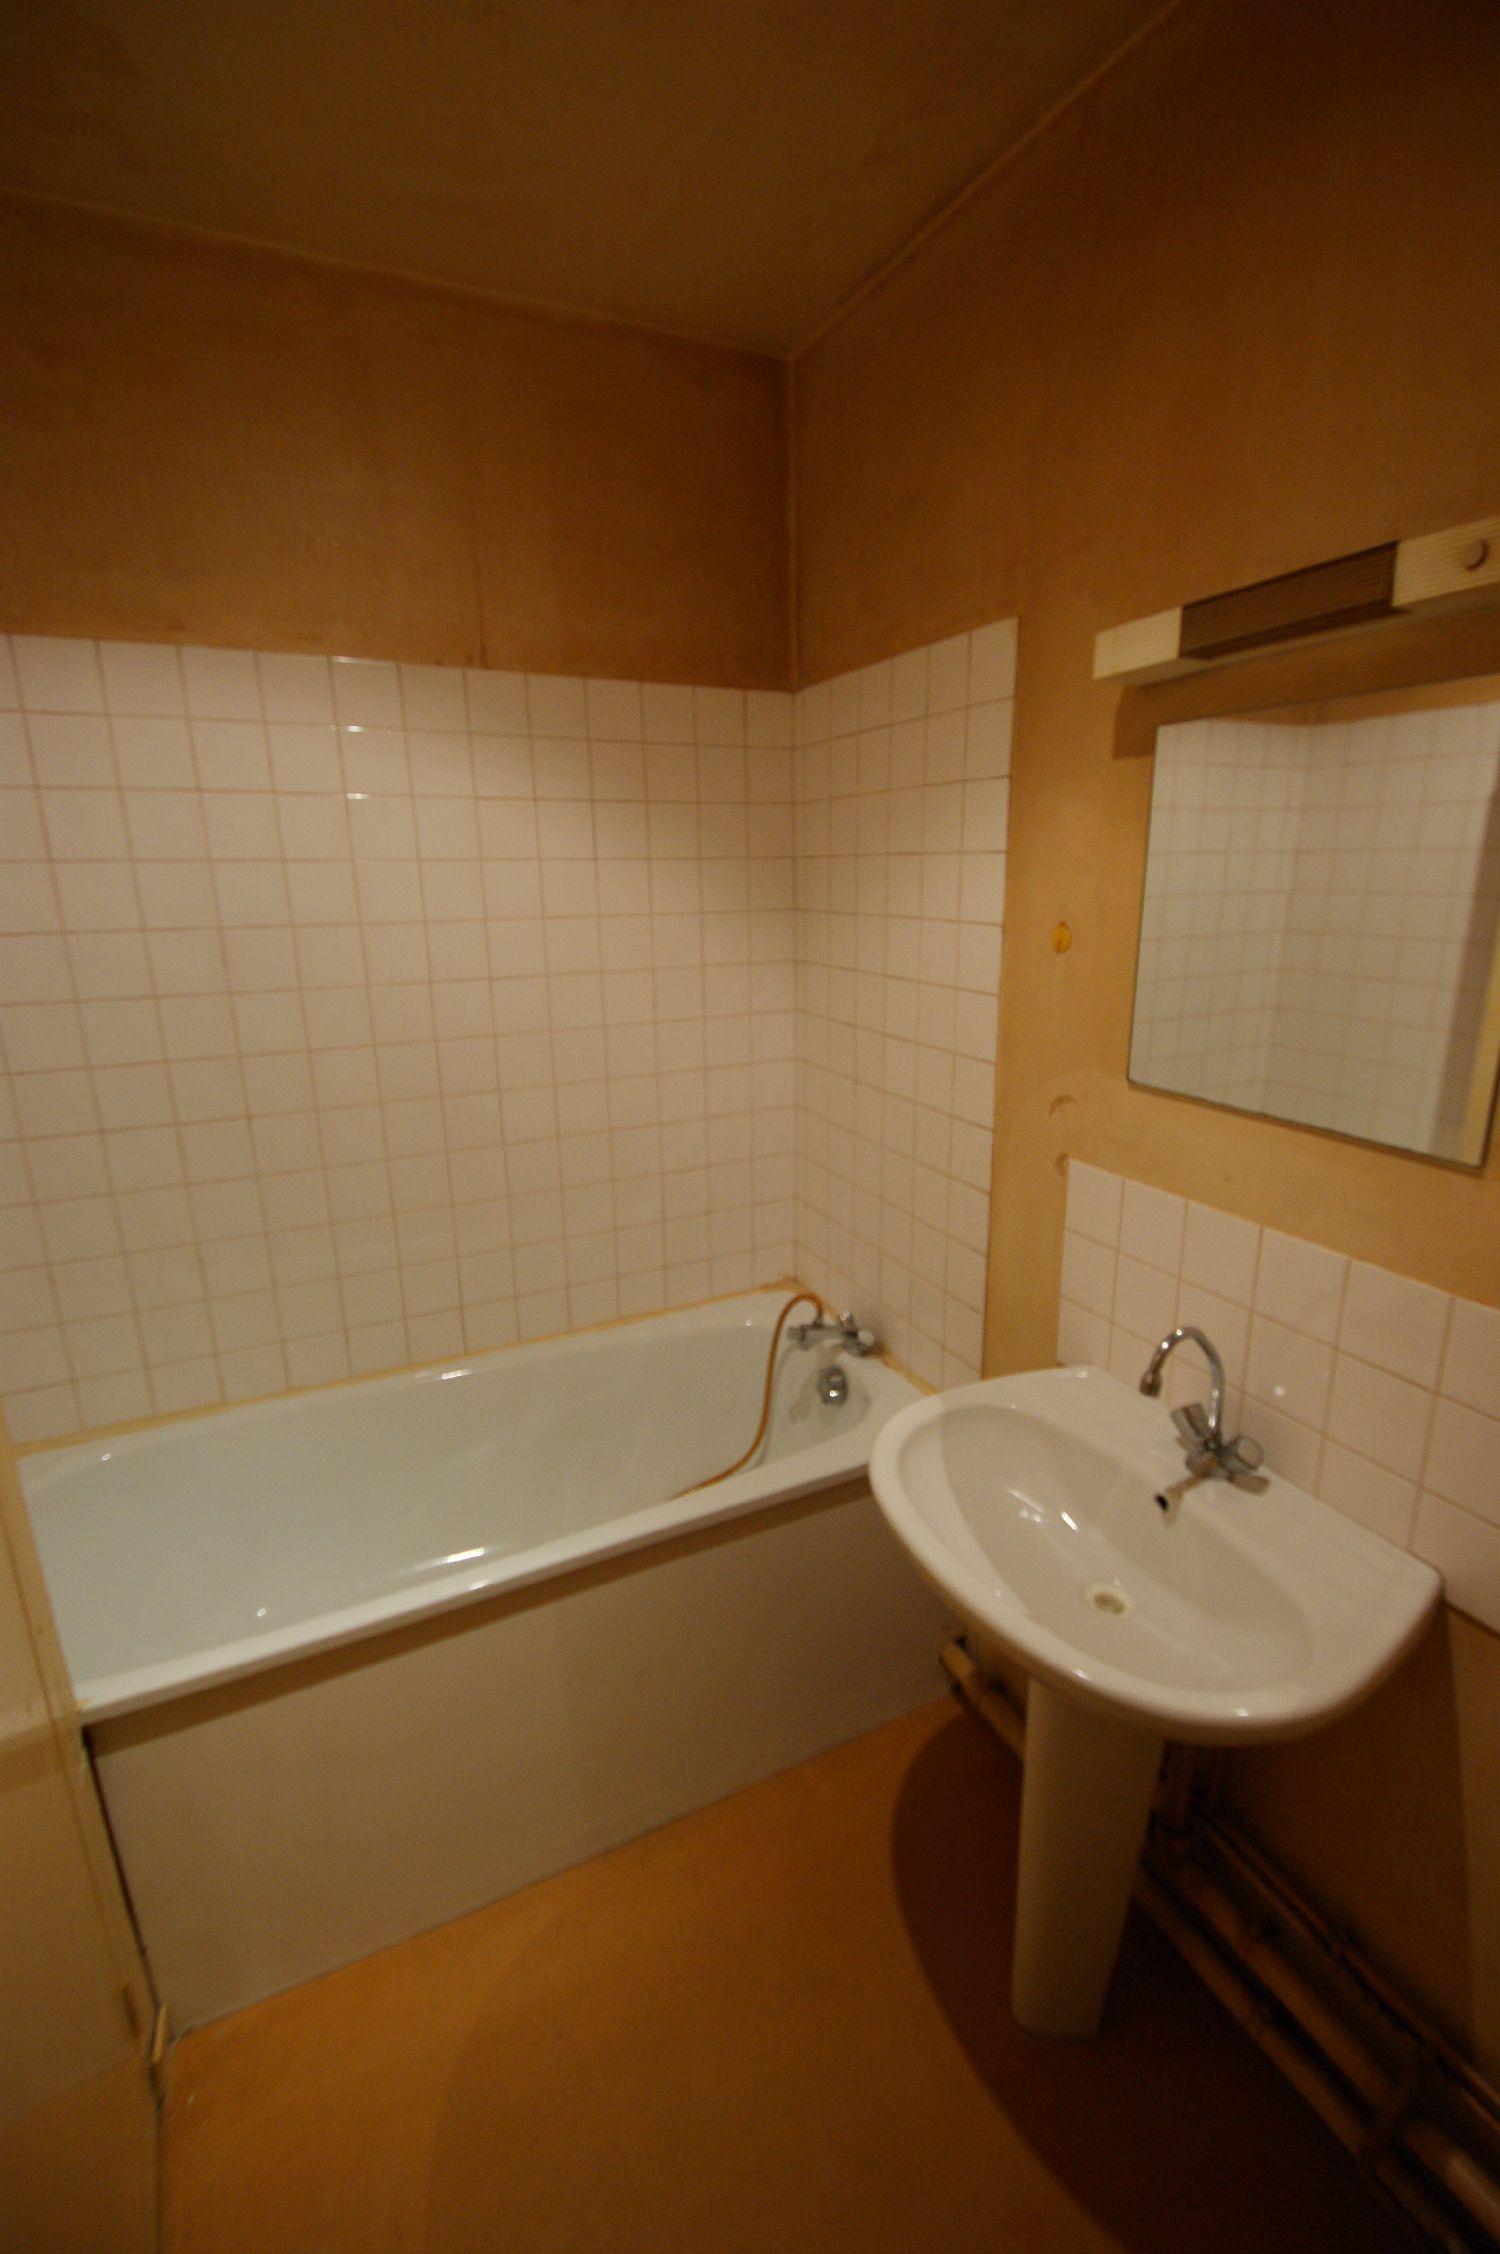 La rochelle renovation entreprise de r novation d for Travaux salle de bain